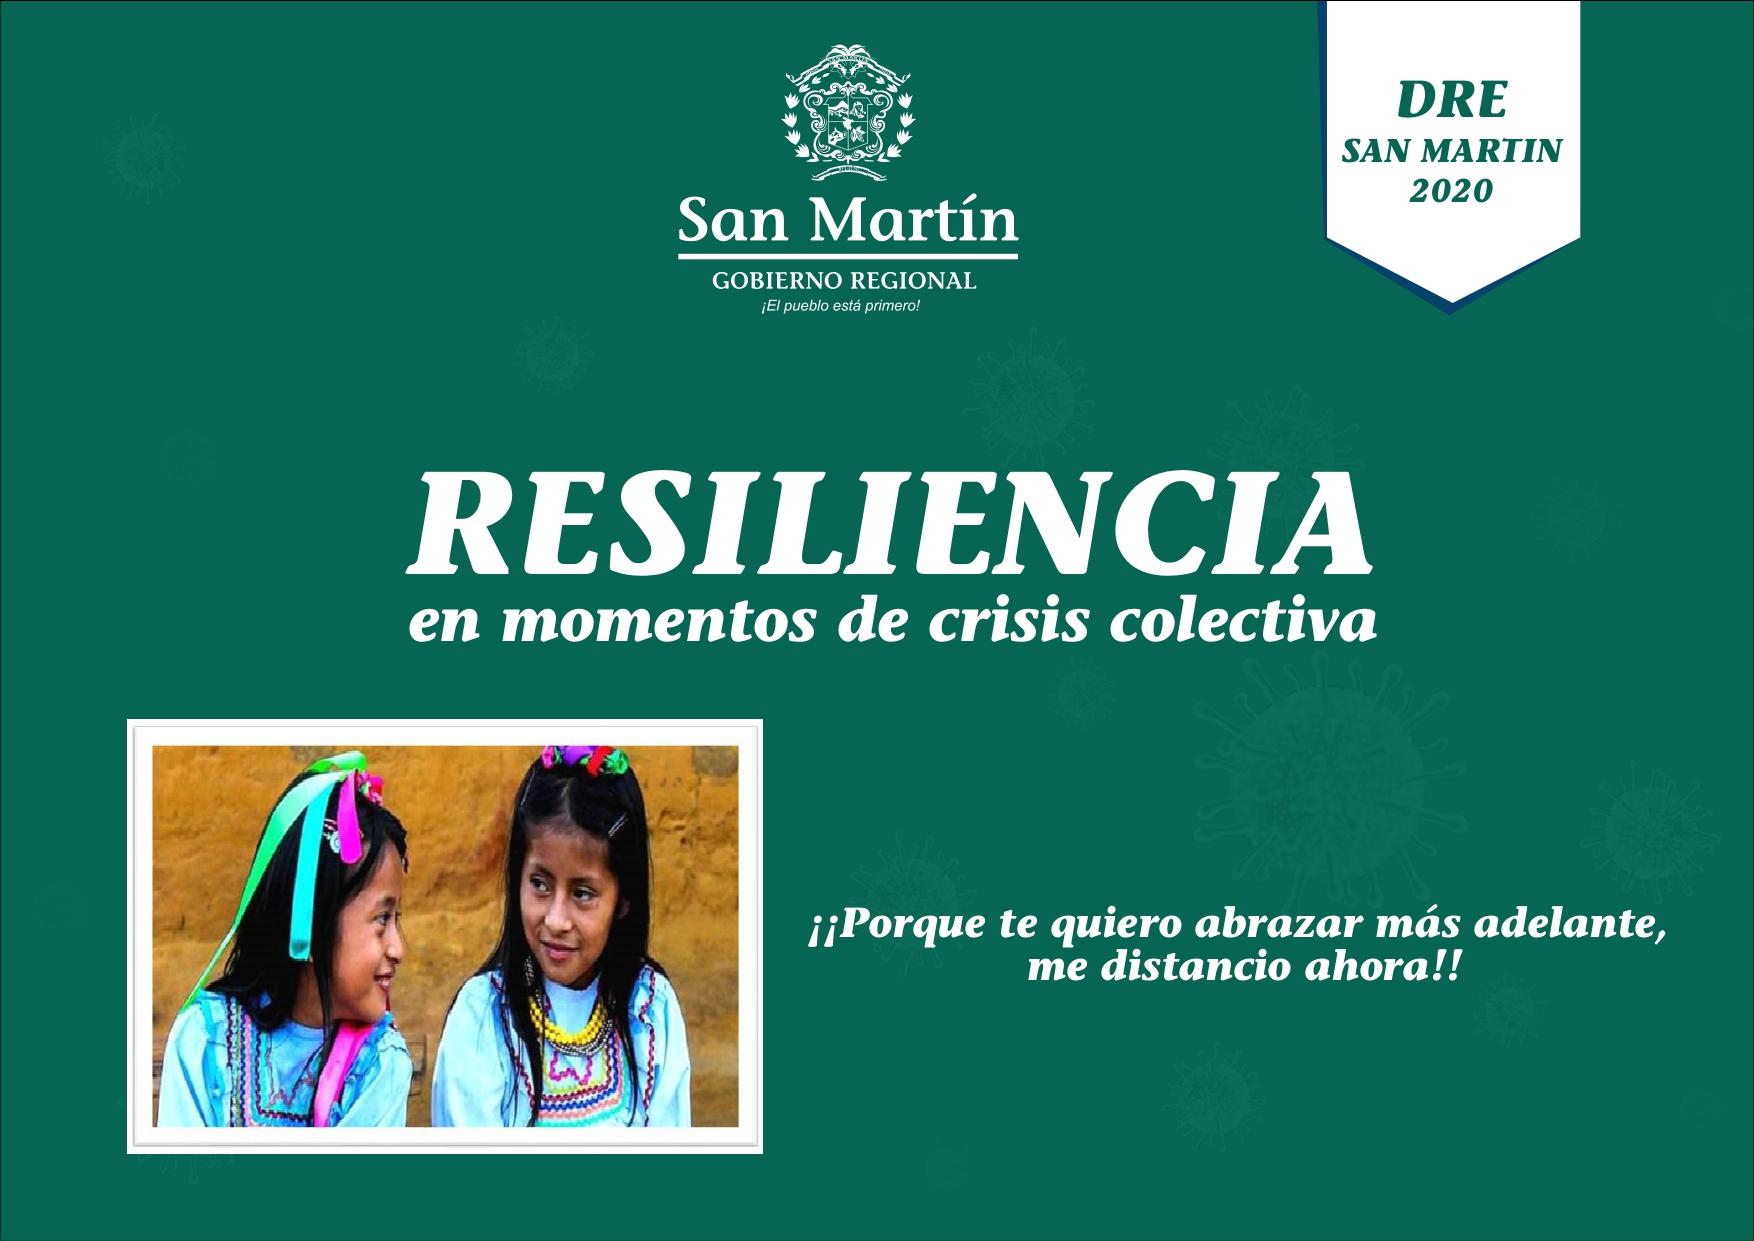 RESILIENCIA EN MOMENTOS DE CRISIS COLECTIVA                                ¡¡PORQUE TE QUIERO ABRAZAR MÁS ADELANTE, ME DISTANCIO AHORA!!